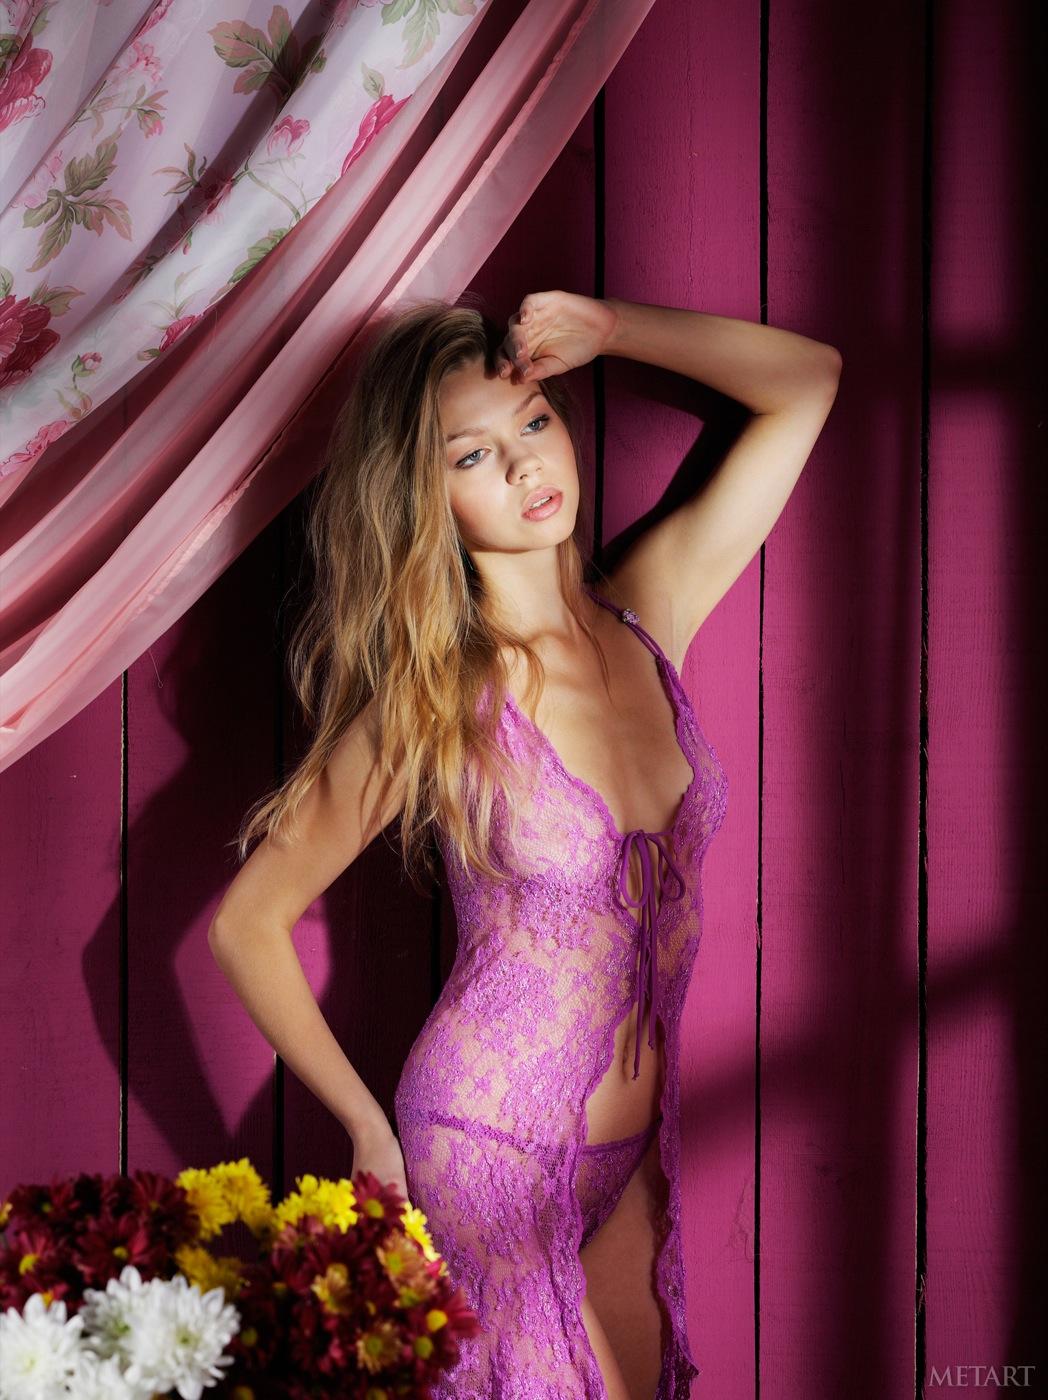 Amelia C in lingerie